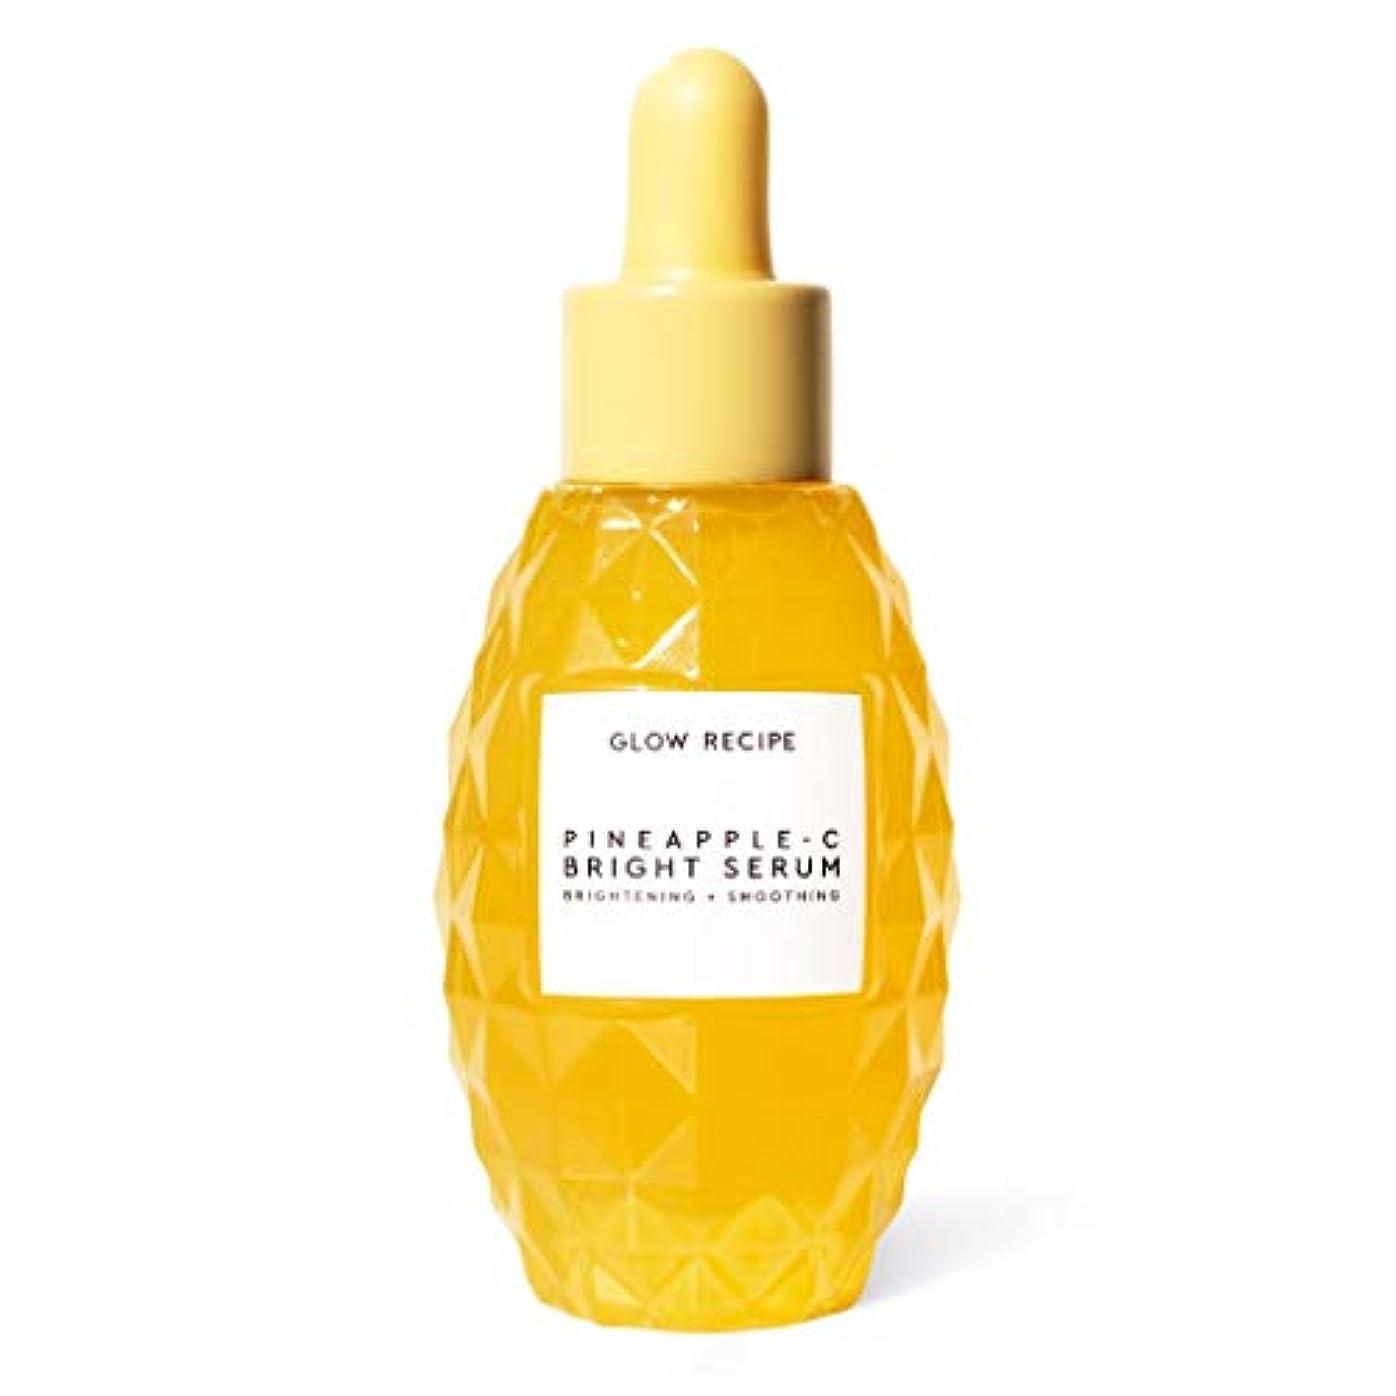 前件無意識厳密にGlow Recipe Pineapple-C Brightening Serum 1 Fl. Oz/ 30ml グロウレシピ パイナップル シー ブライト二ング セラム